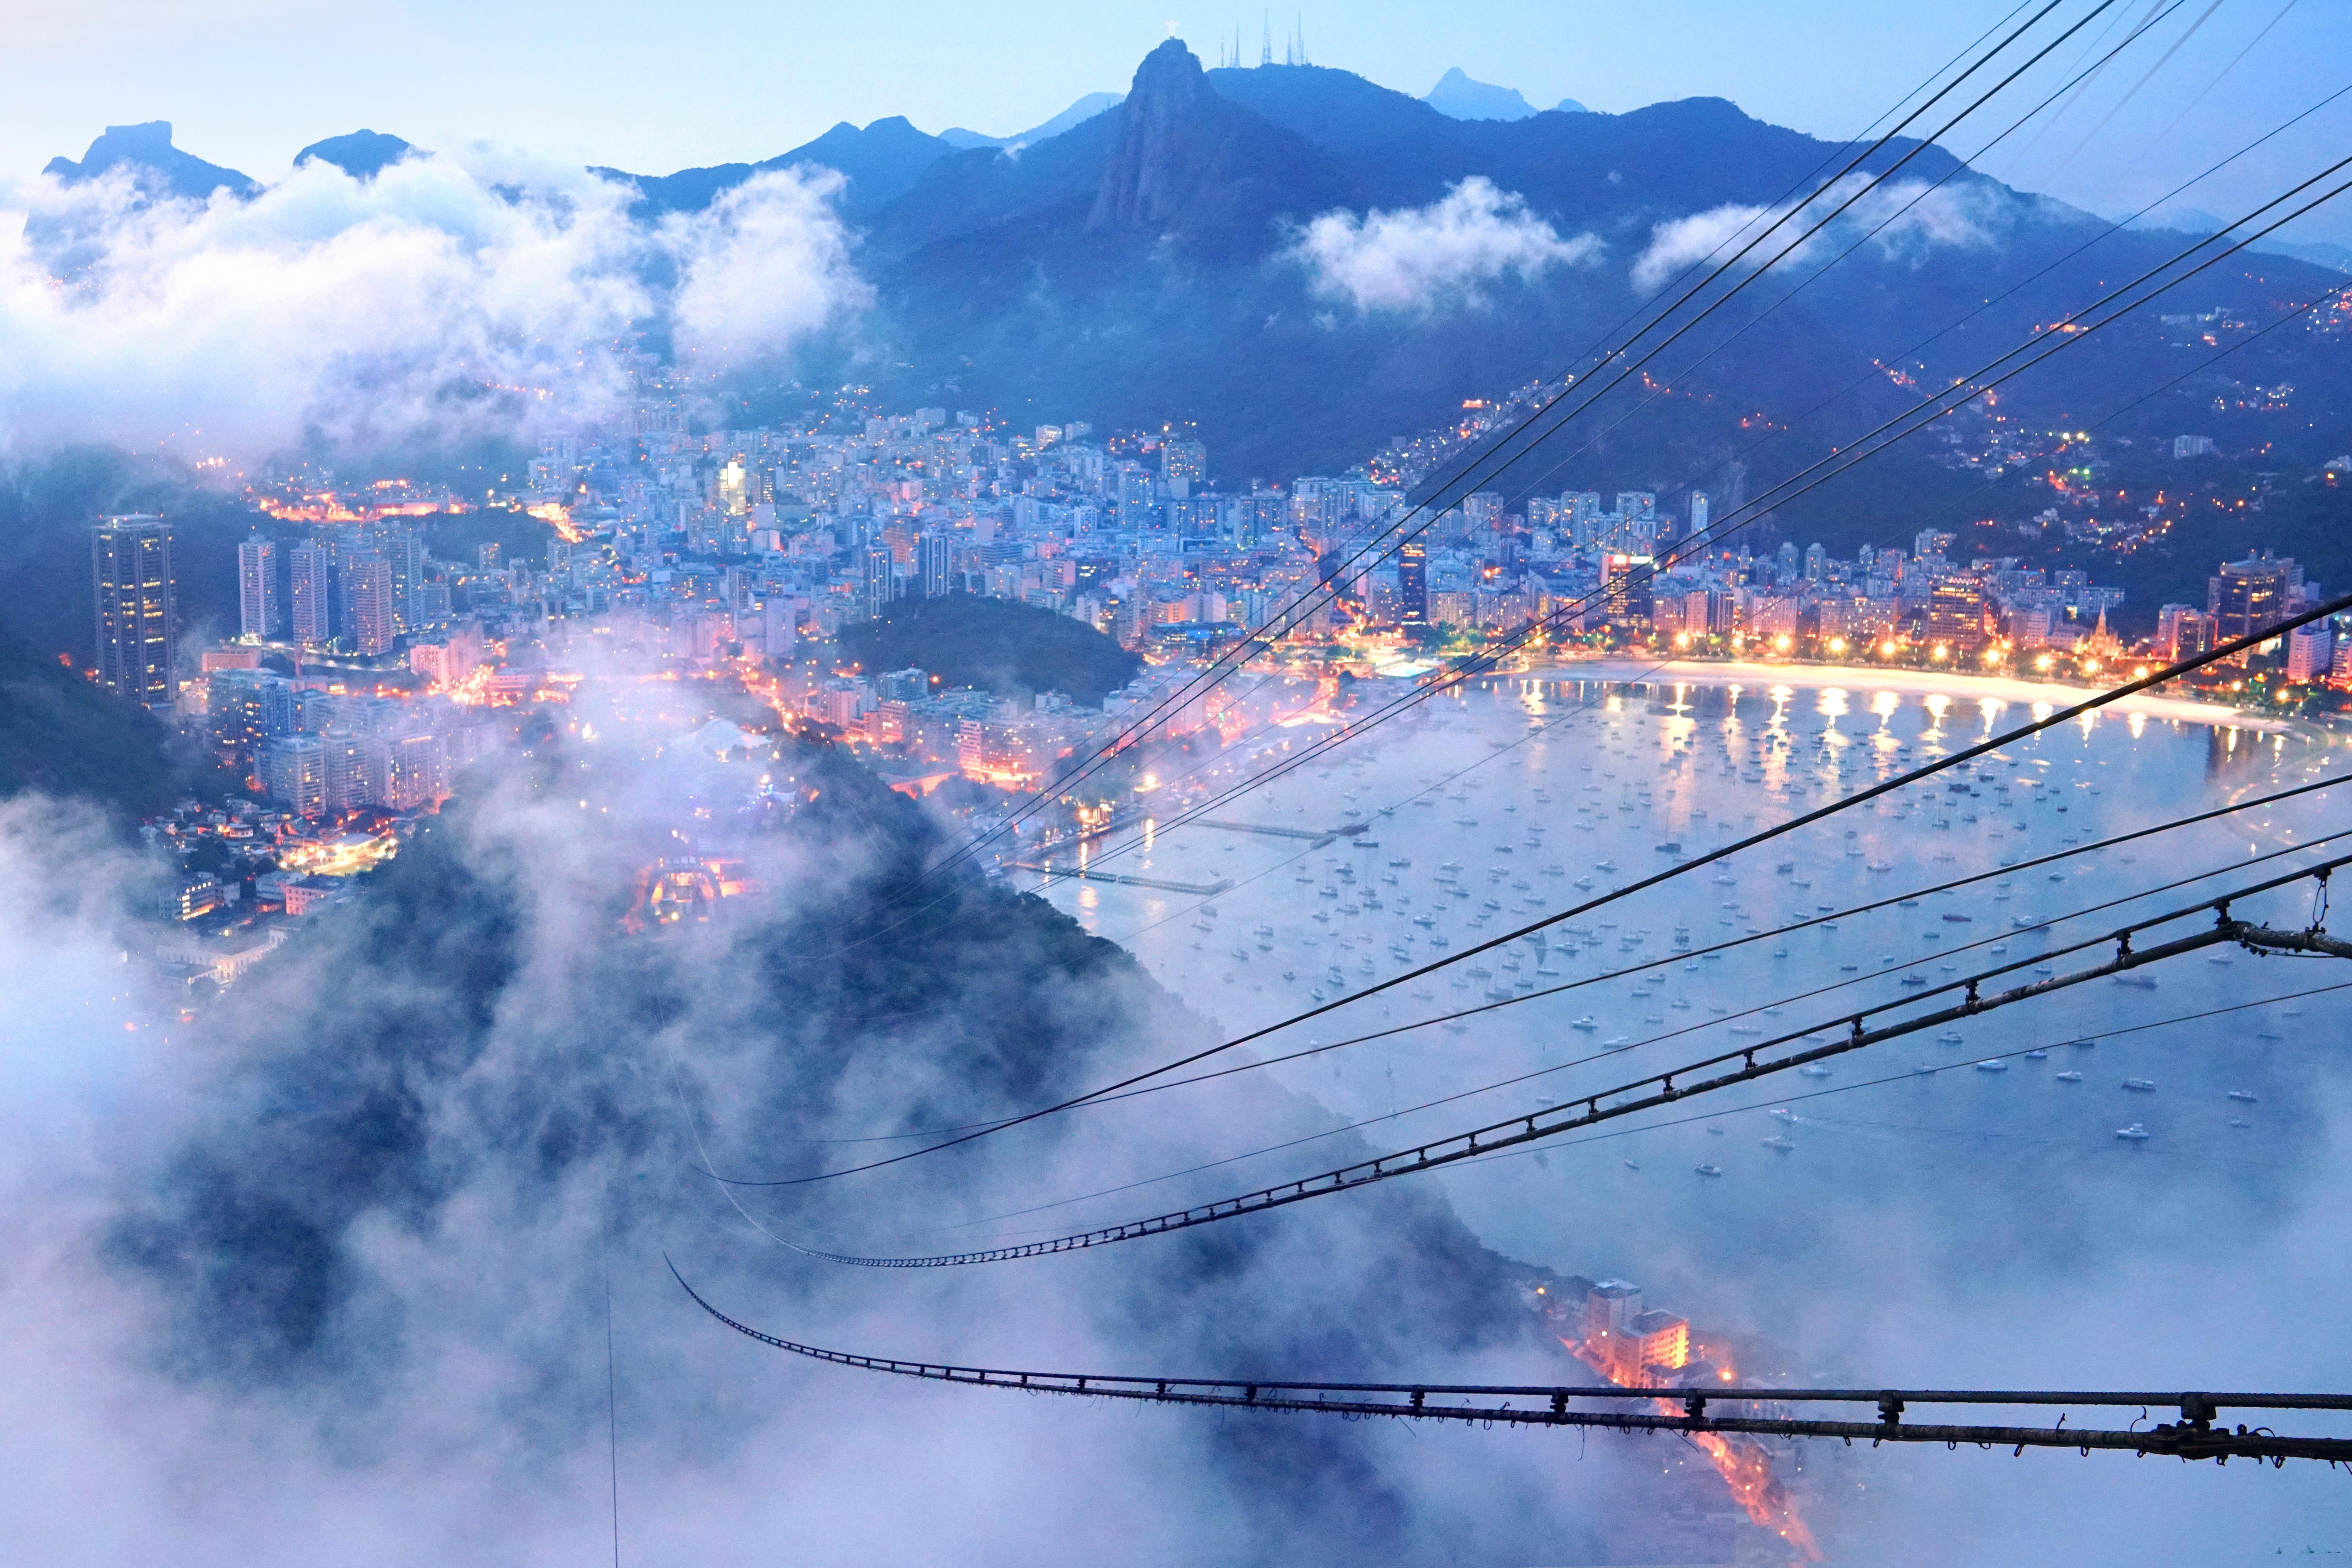 Бразилии Туры бразилия 7 чудес Бразилии: чем удивляет эта страна Foto 2